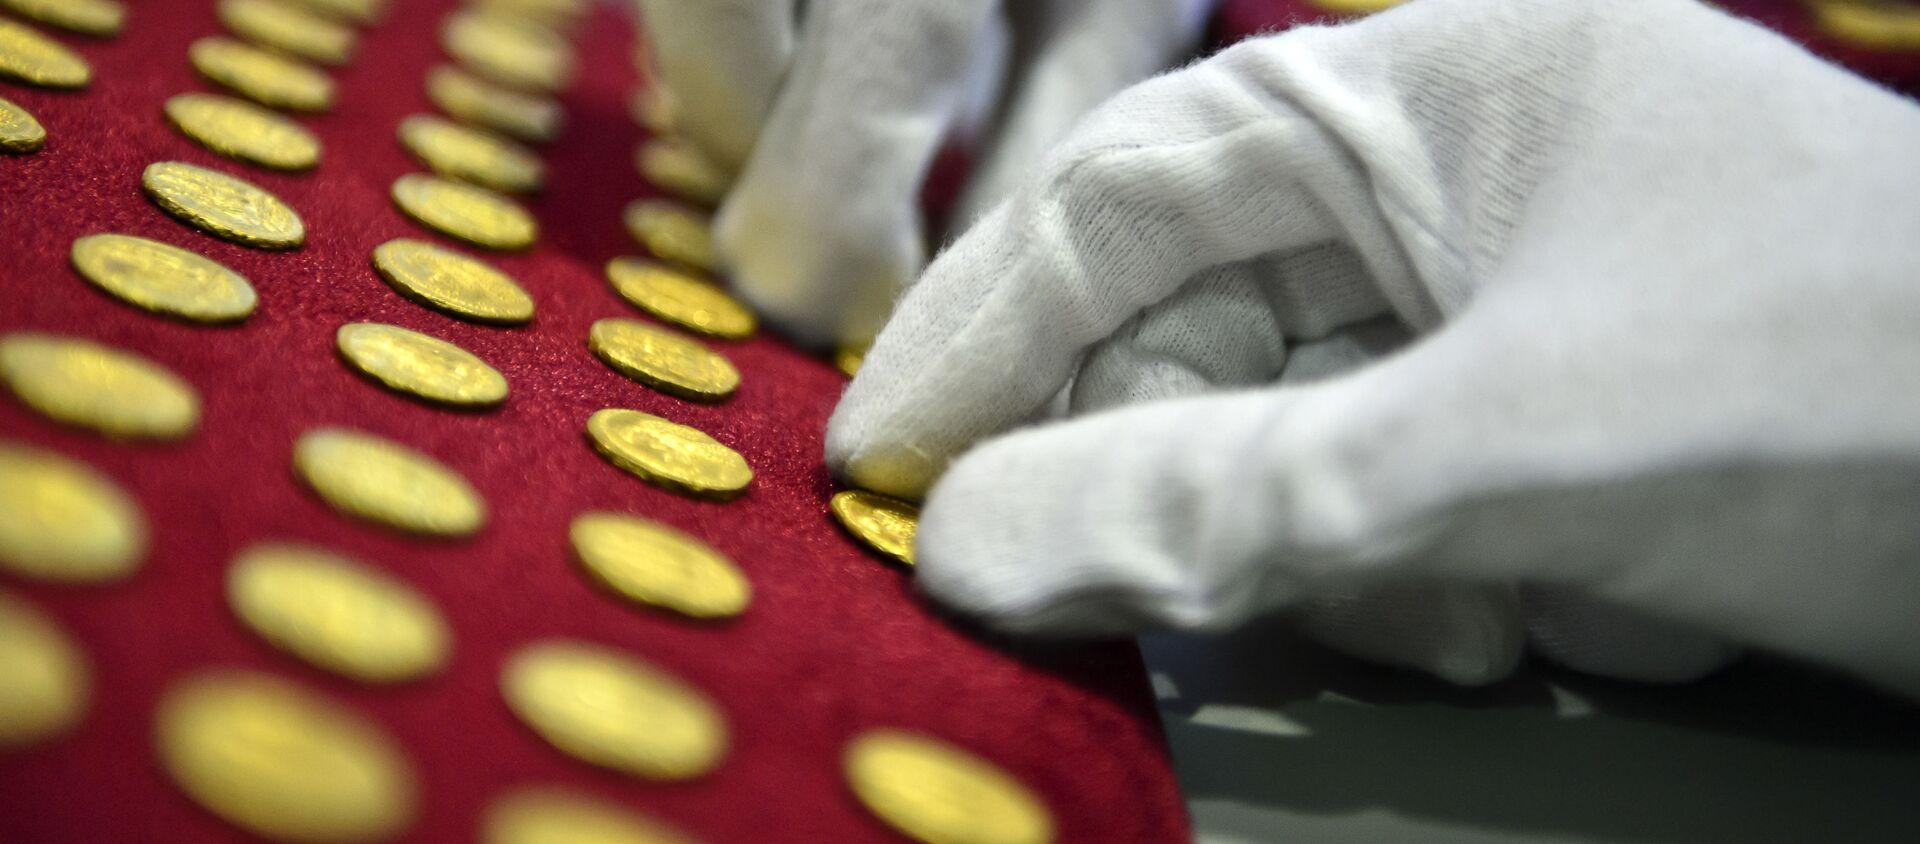 Золотые монеты, фото из архива - Sputnik Азербайджан, 1920, 15.03.2021